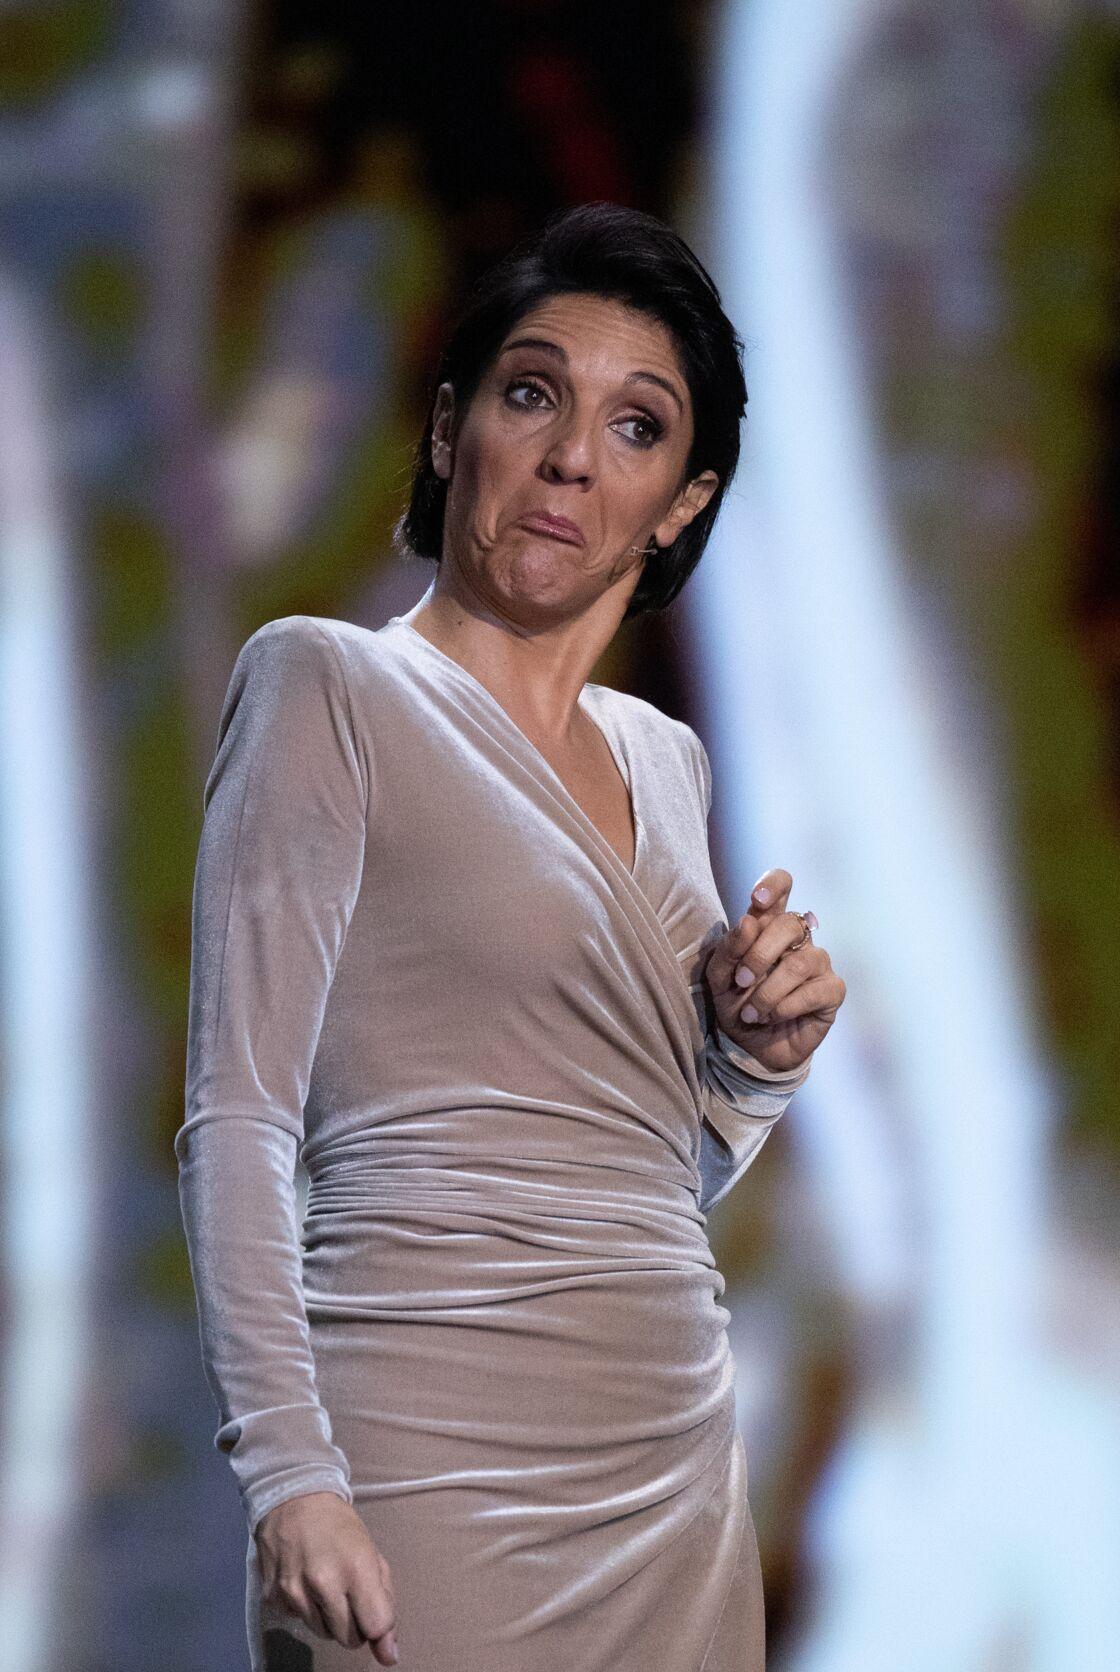 Florence Foresti s'en est pris à Roman Polanski durant la cérémonie des César